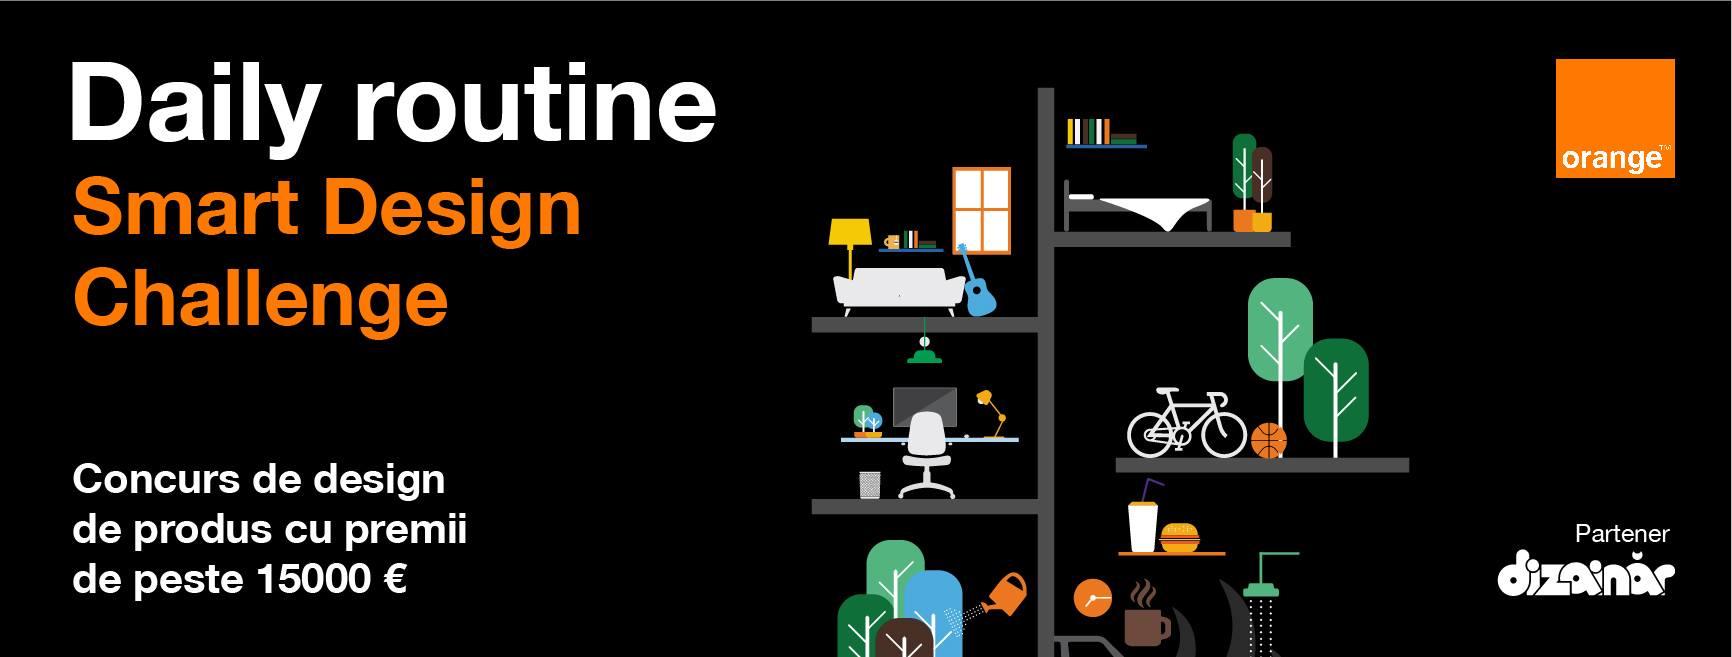 Obiecte inovatoare de design expuse în Orange smart shops